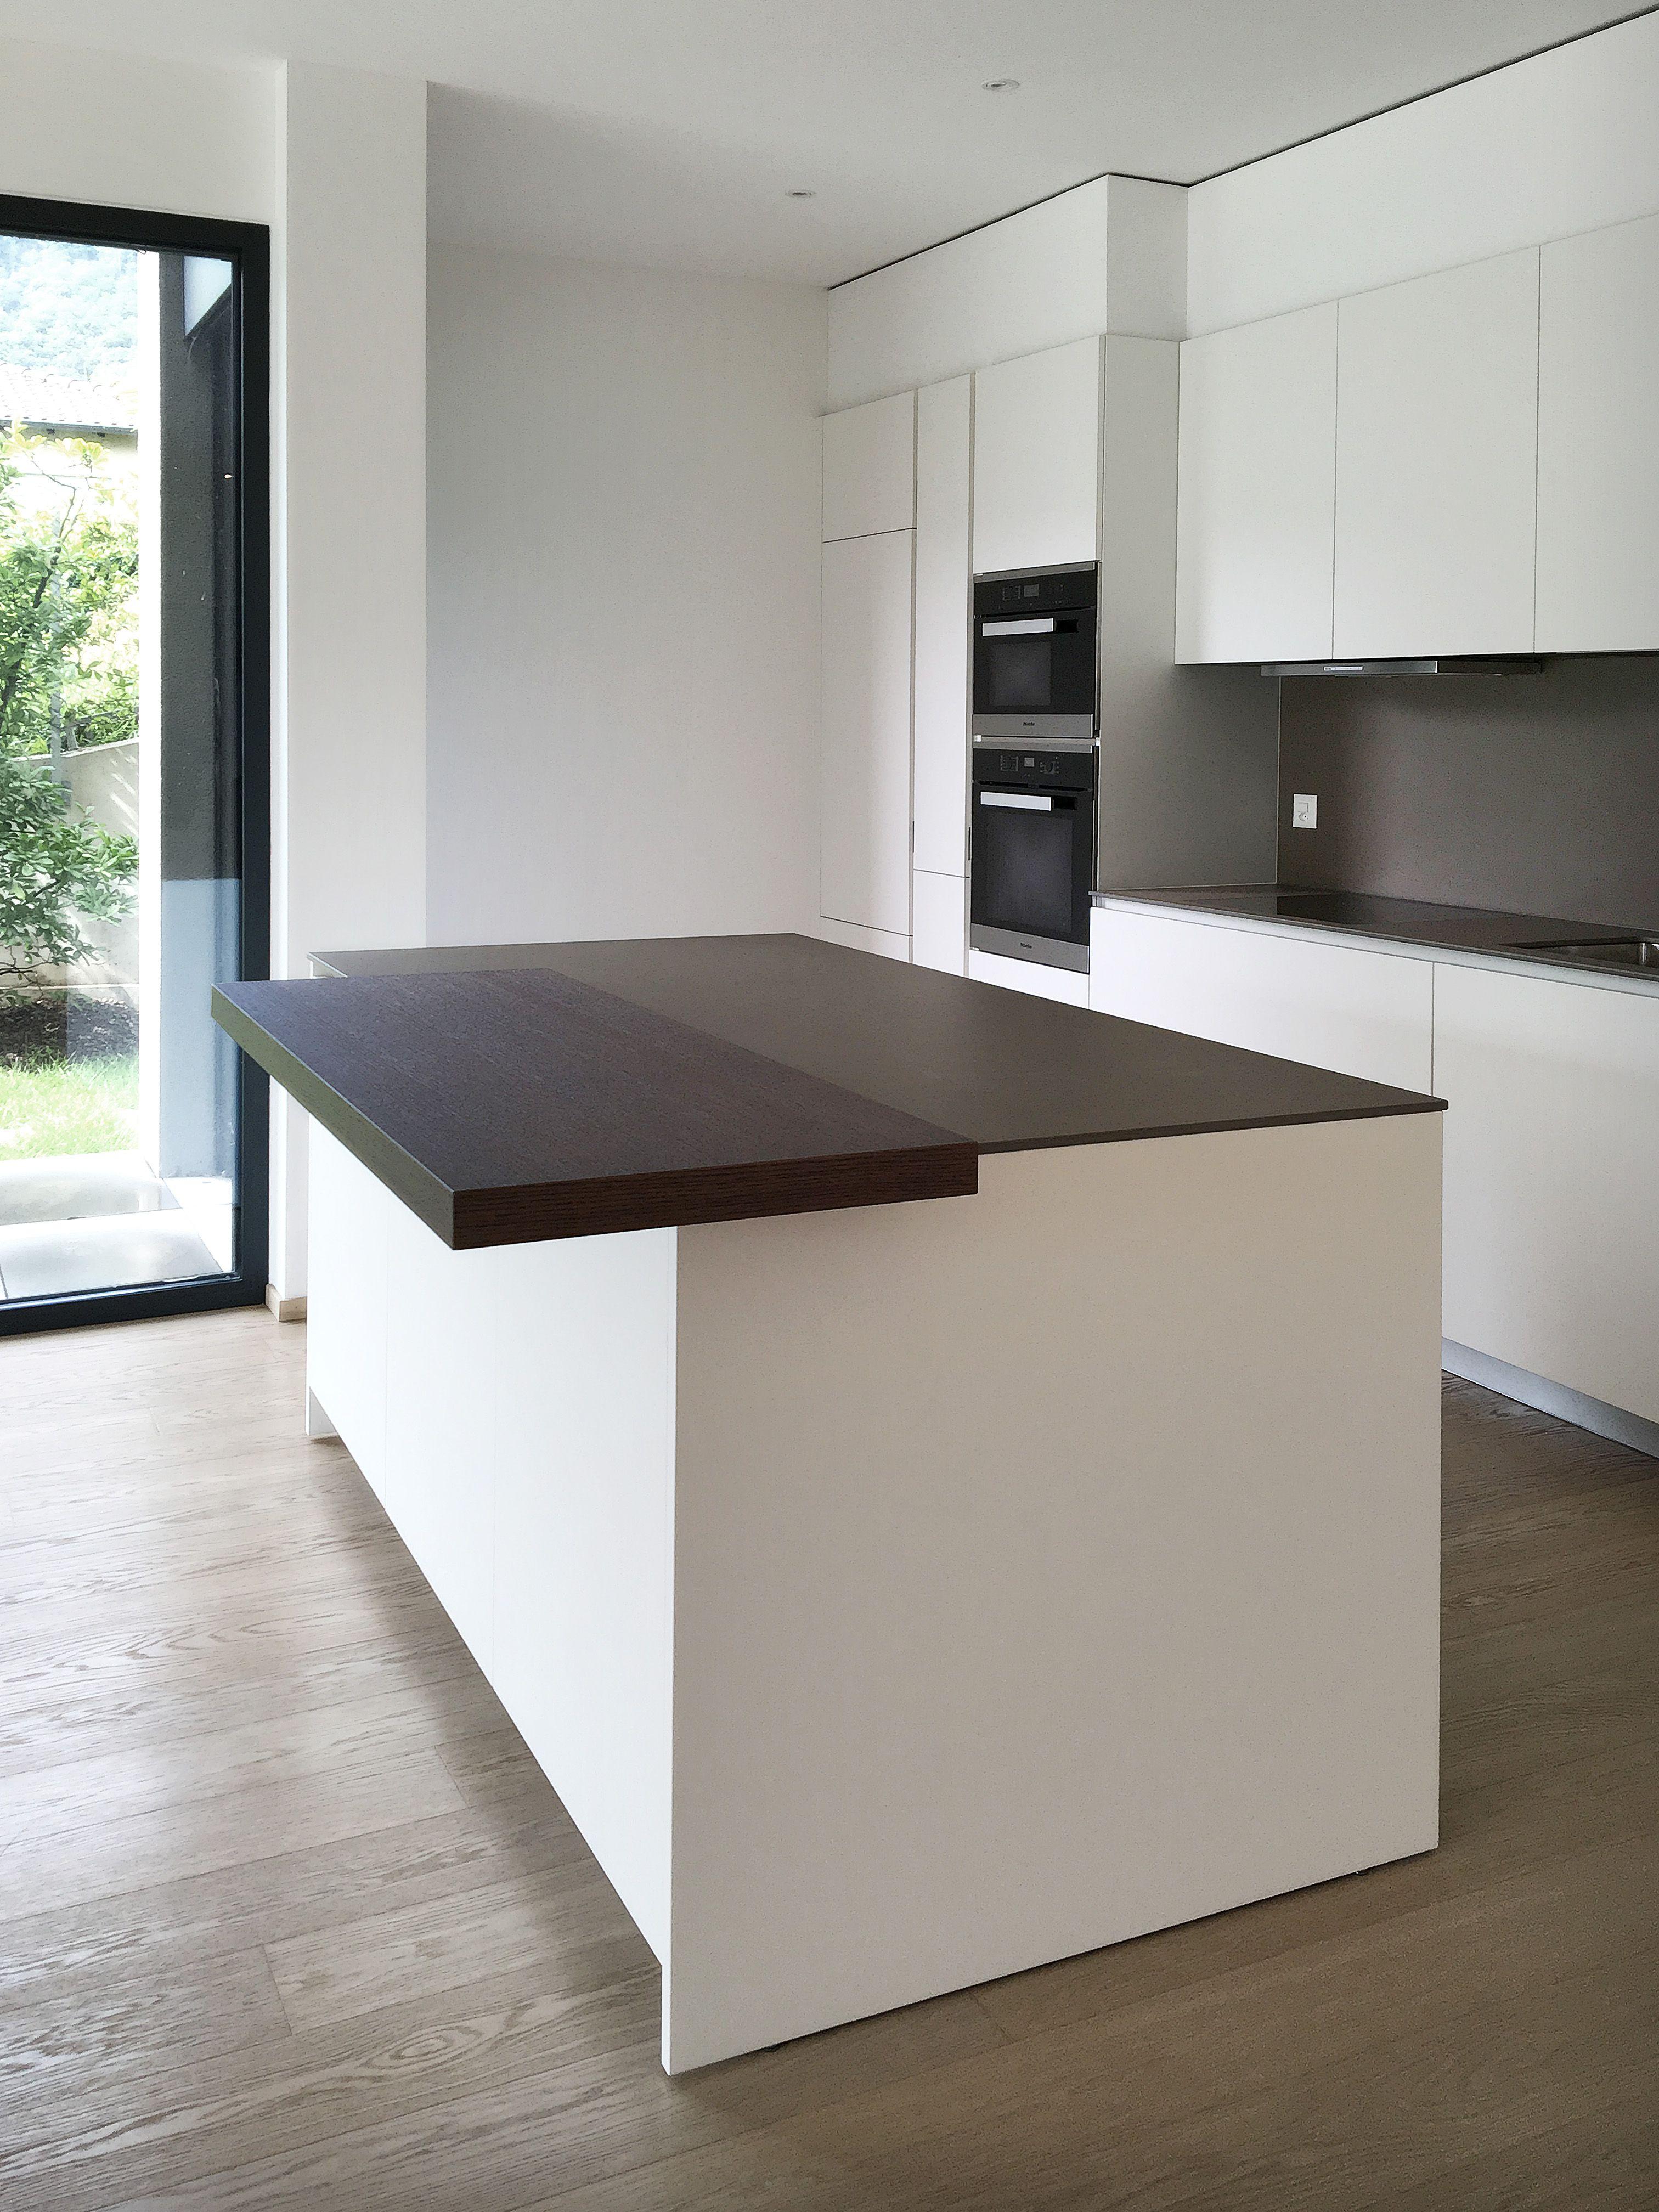 arredamento completo con cucina, soggiorno, armadi e terrazzo per ... - Soggiorno Living Con Cucina A Vista 2